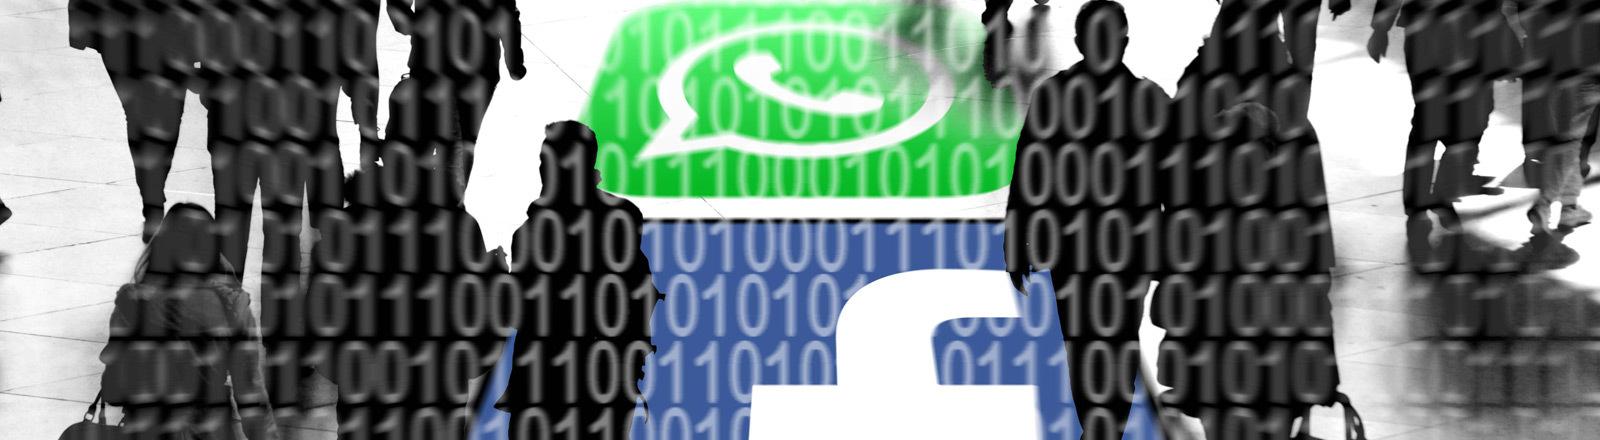 Symbolbild: Whatsapp- und Facebook-User und ihre persönlichen Daten.